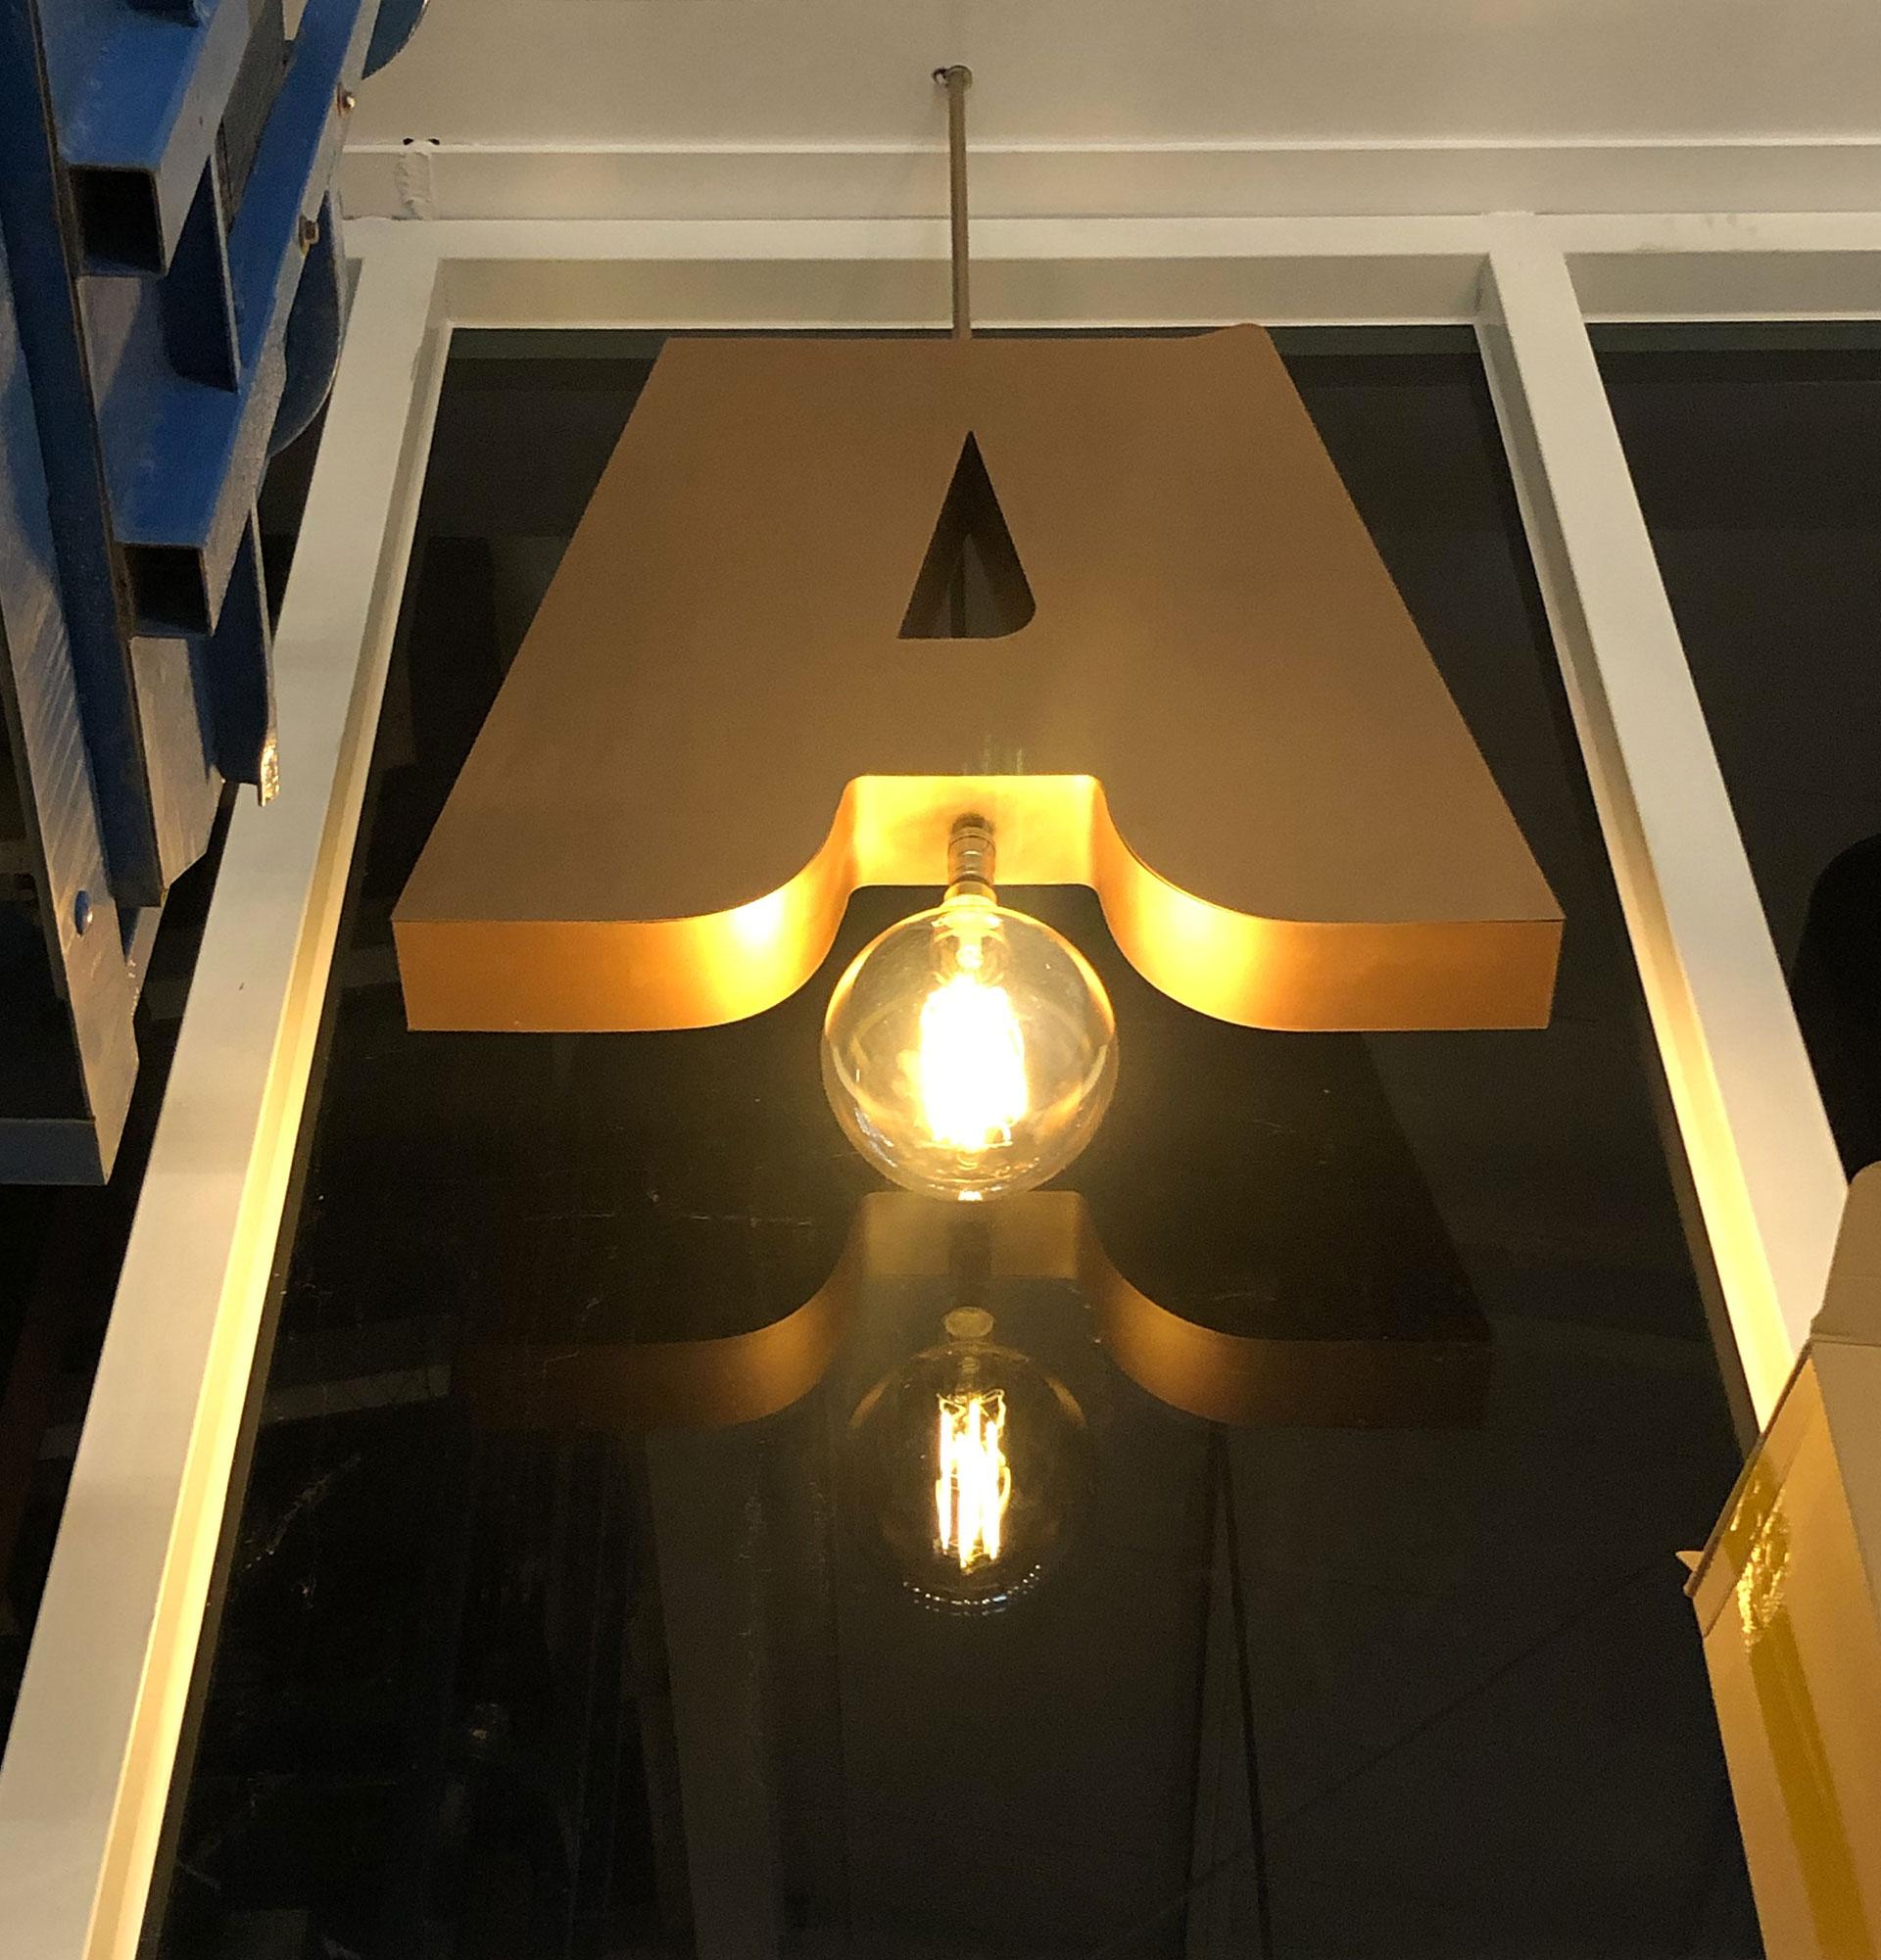 LOGO DESIGN LIGHTS